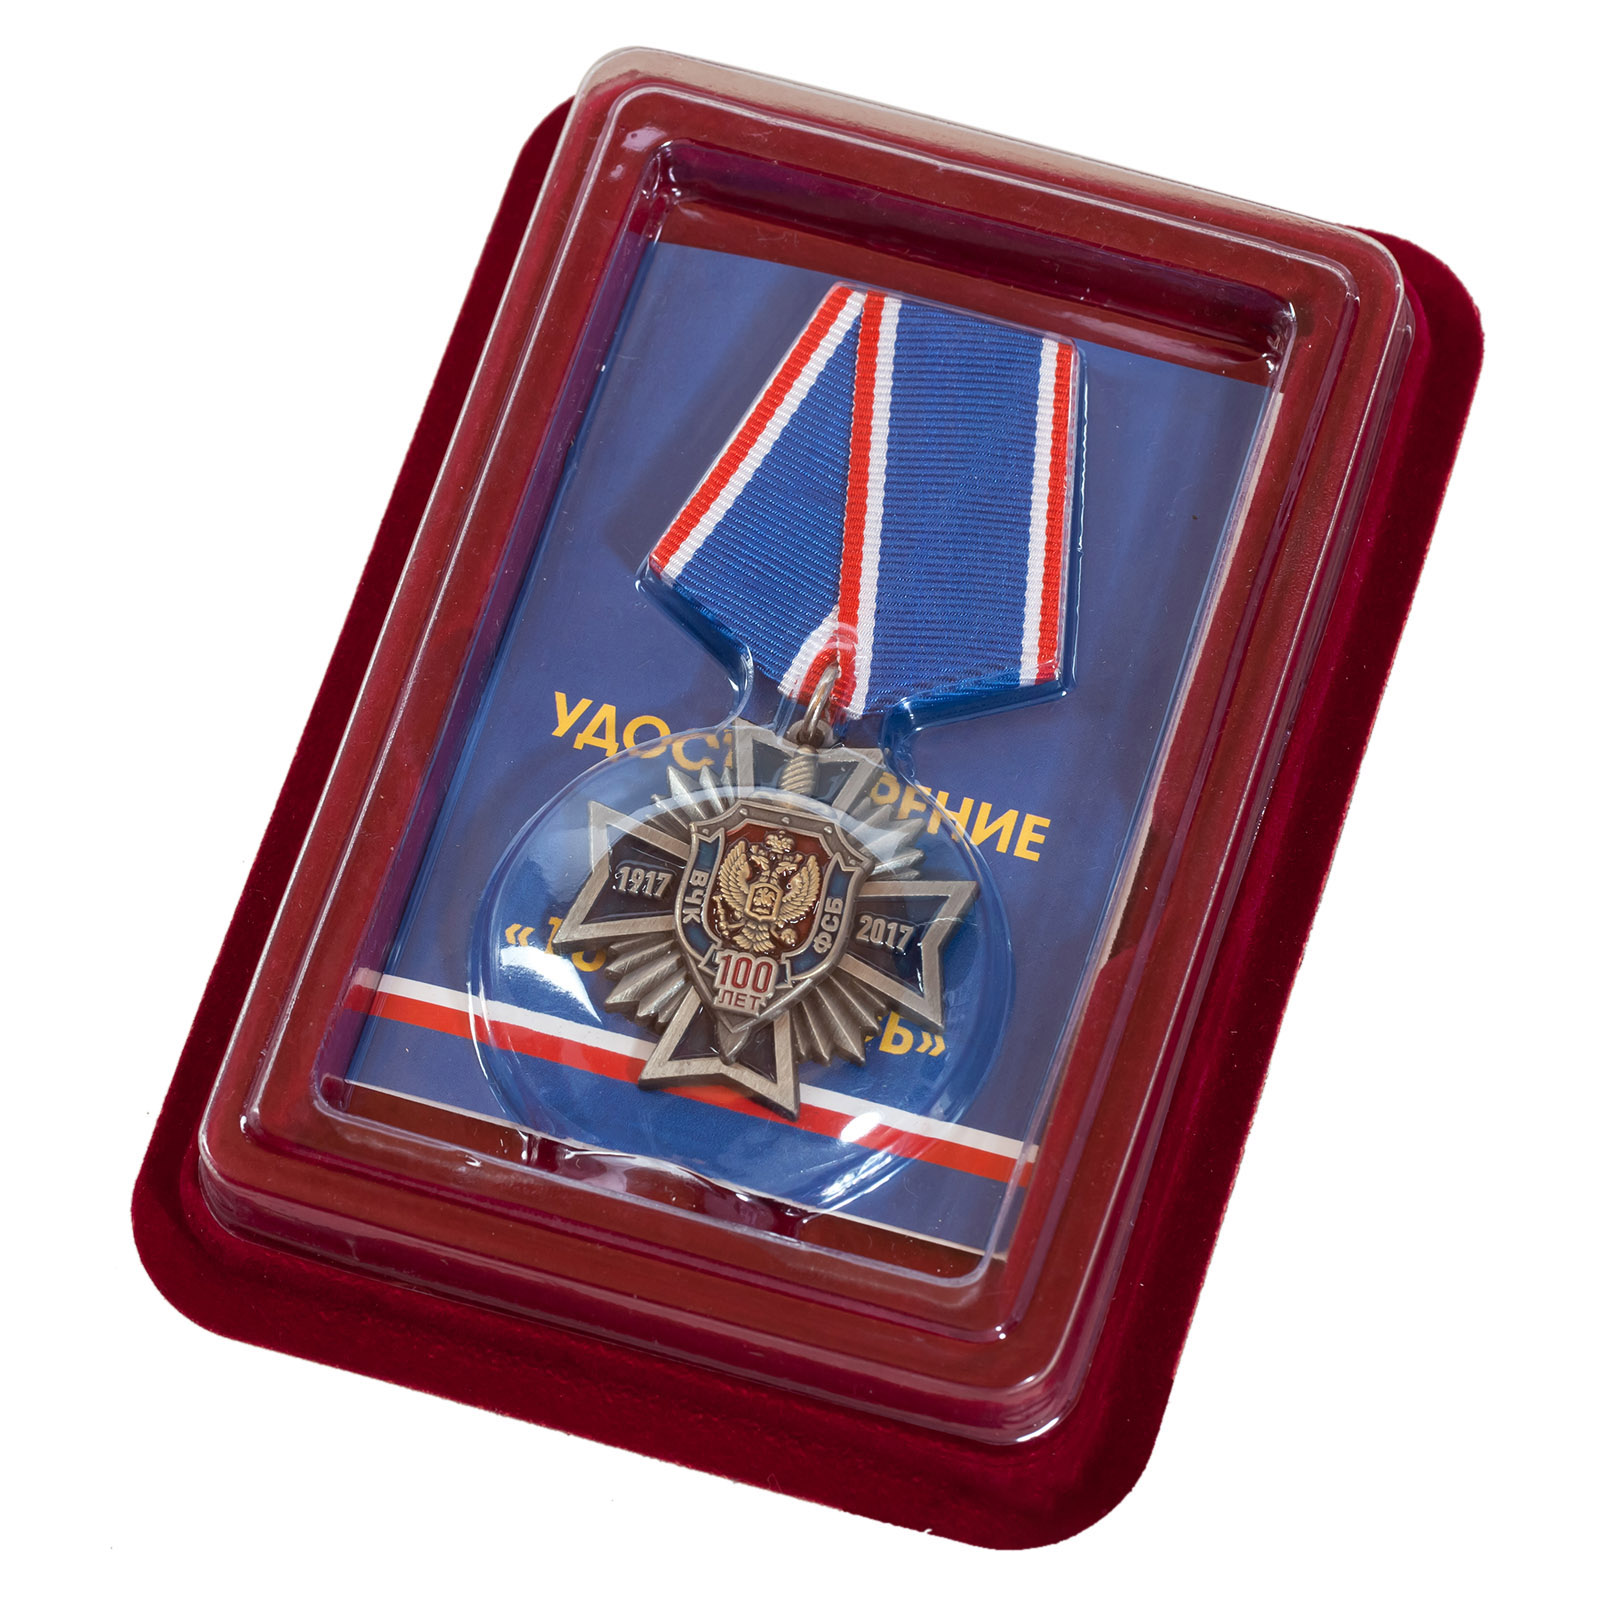 Крест к 100-летнему юбилею ВЧК-КГБ-ФСБ в бордовом футляре из флока